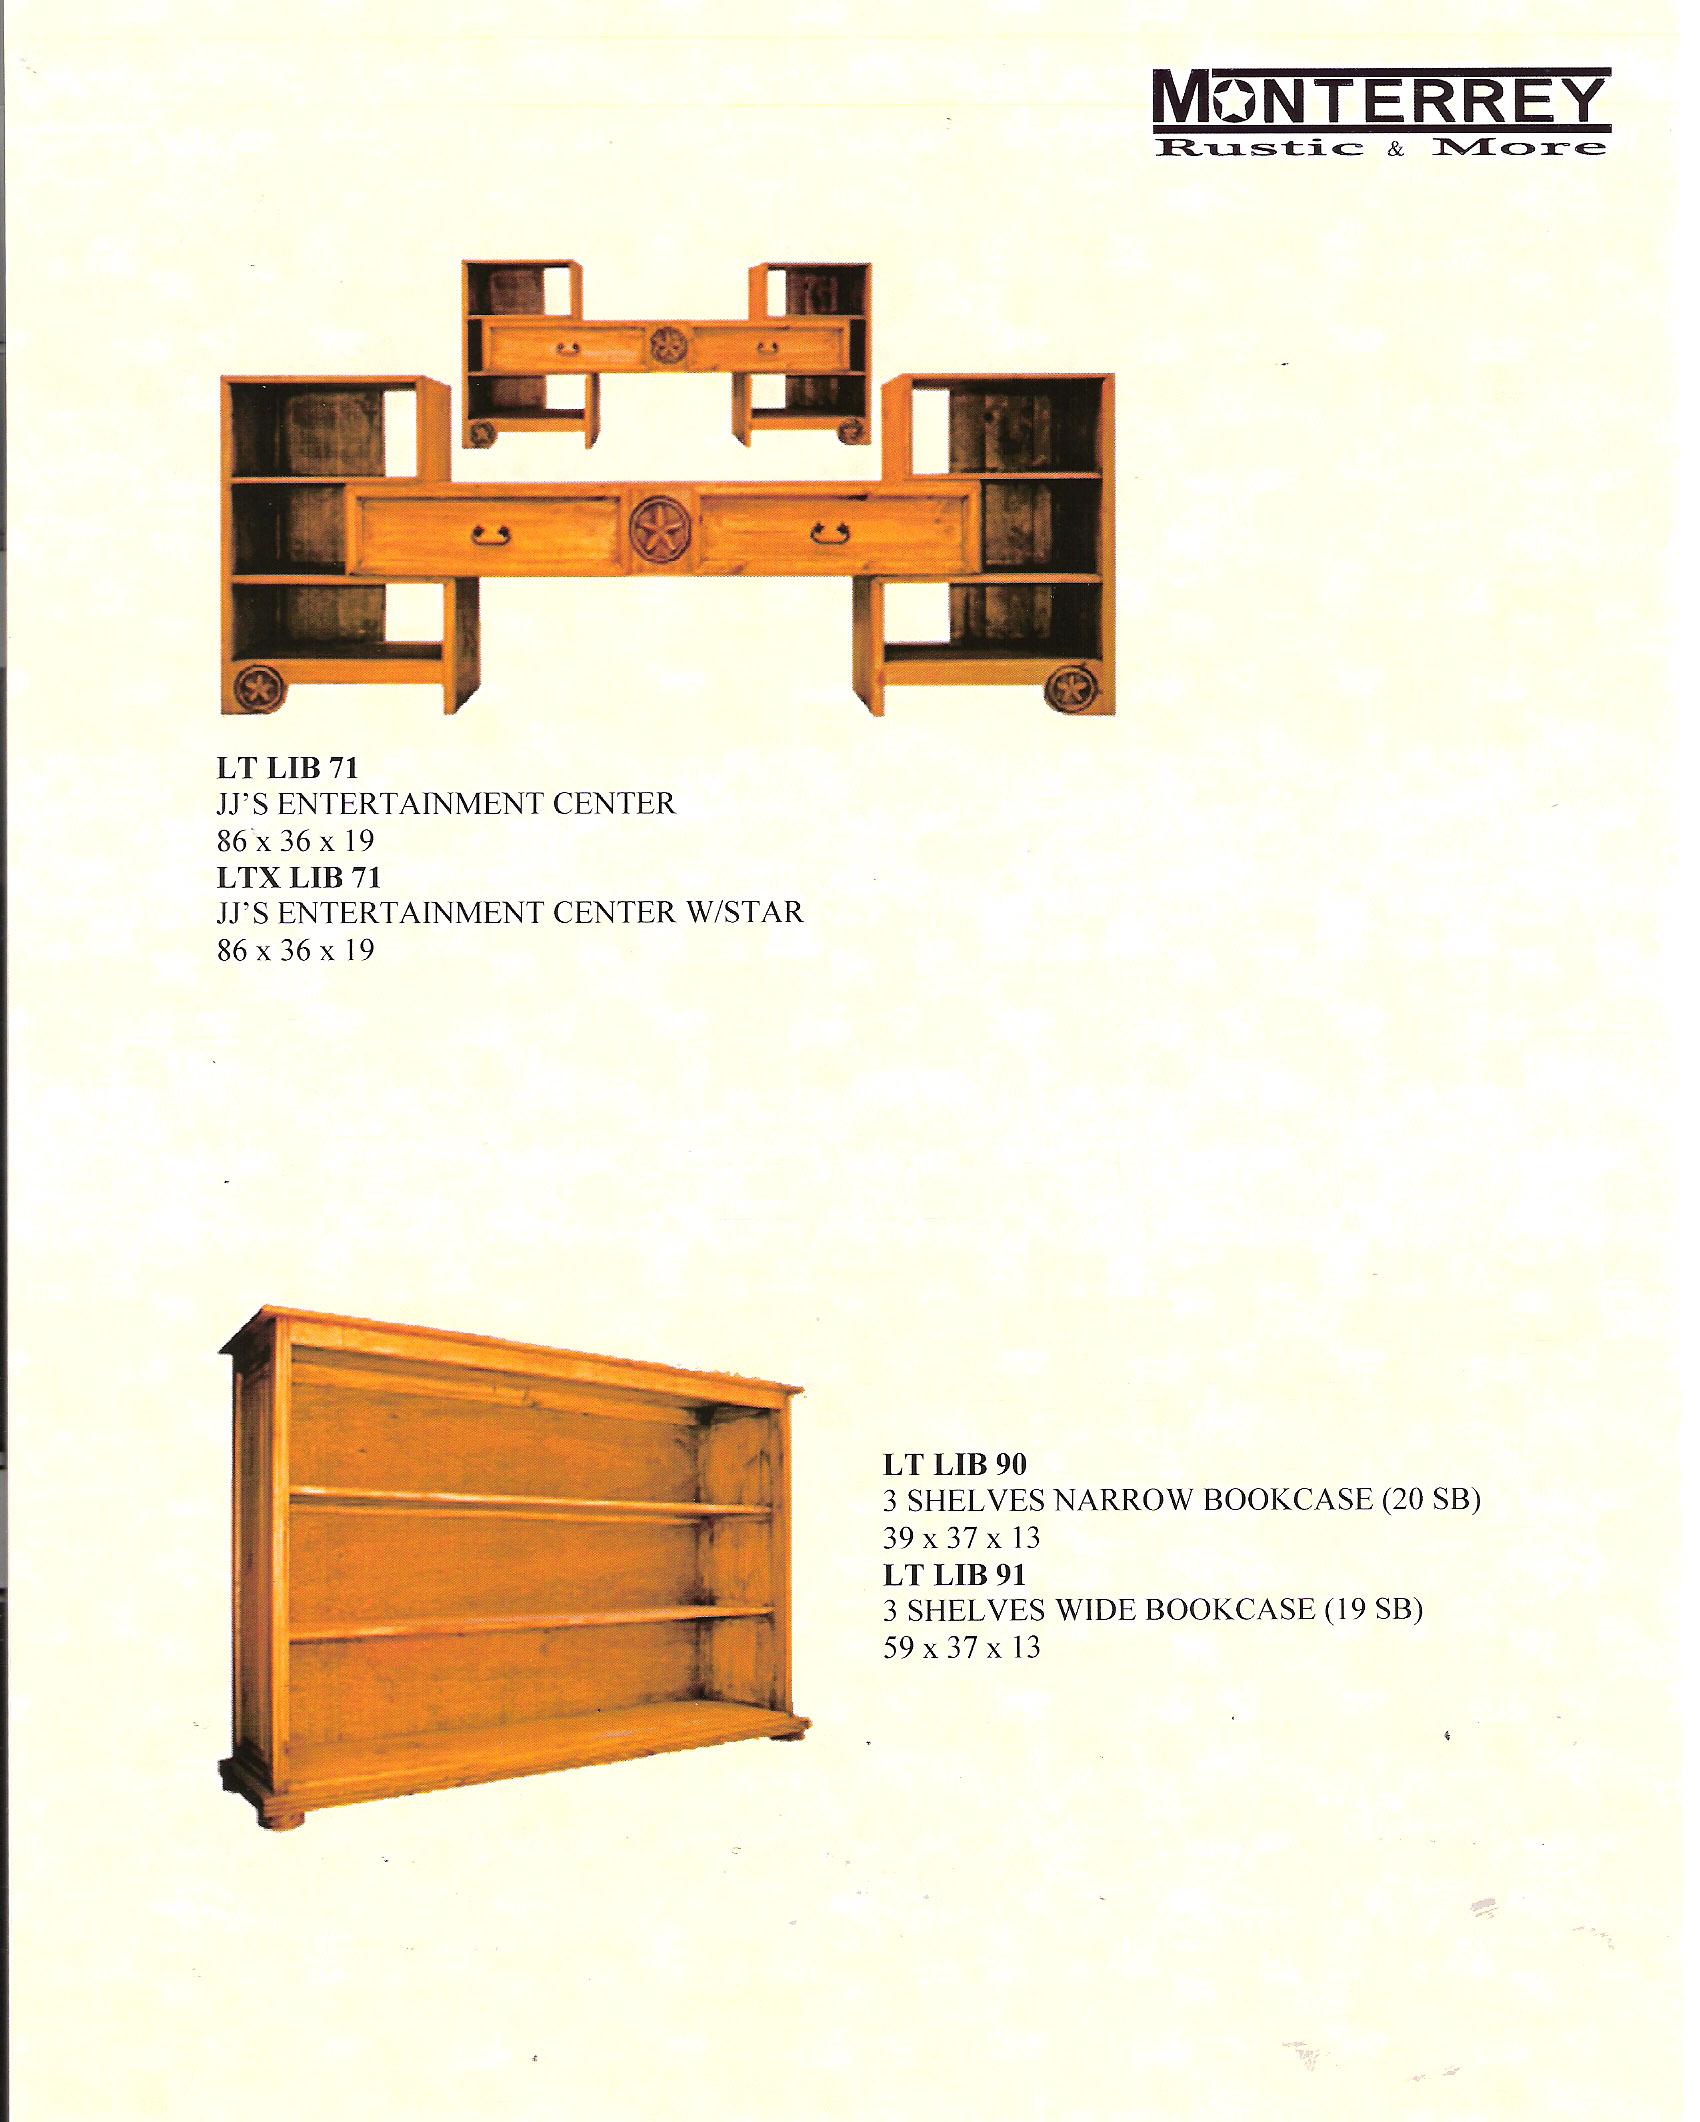 Entertainment Centers Bookcases Monterrey Rustic Furniture